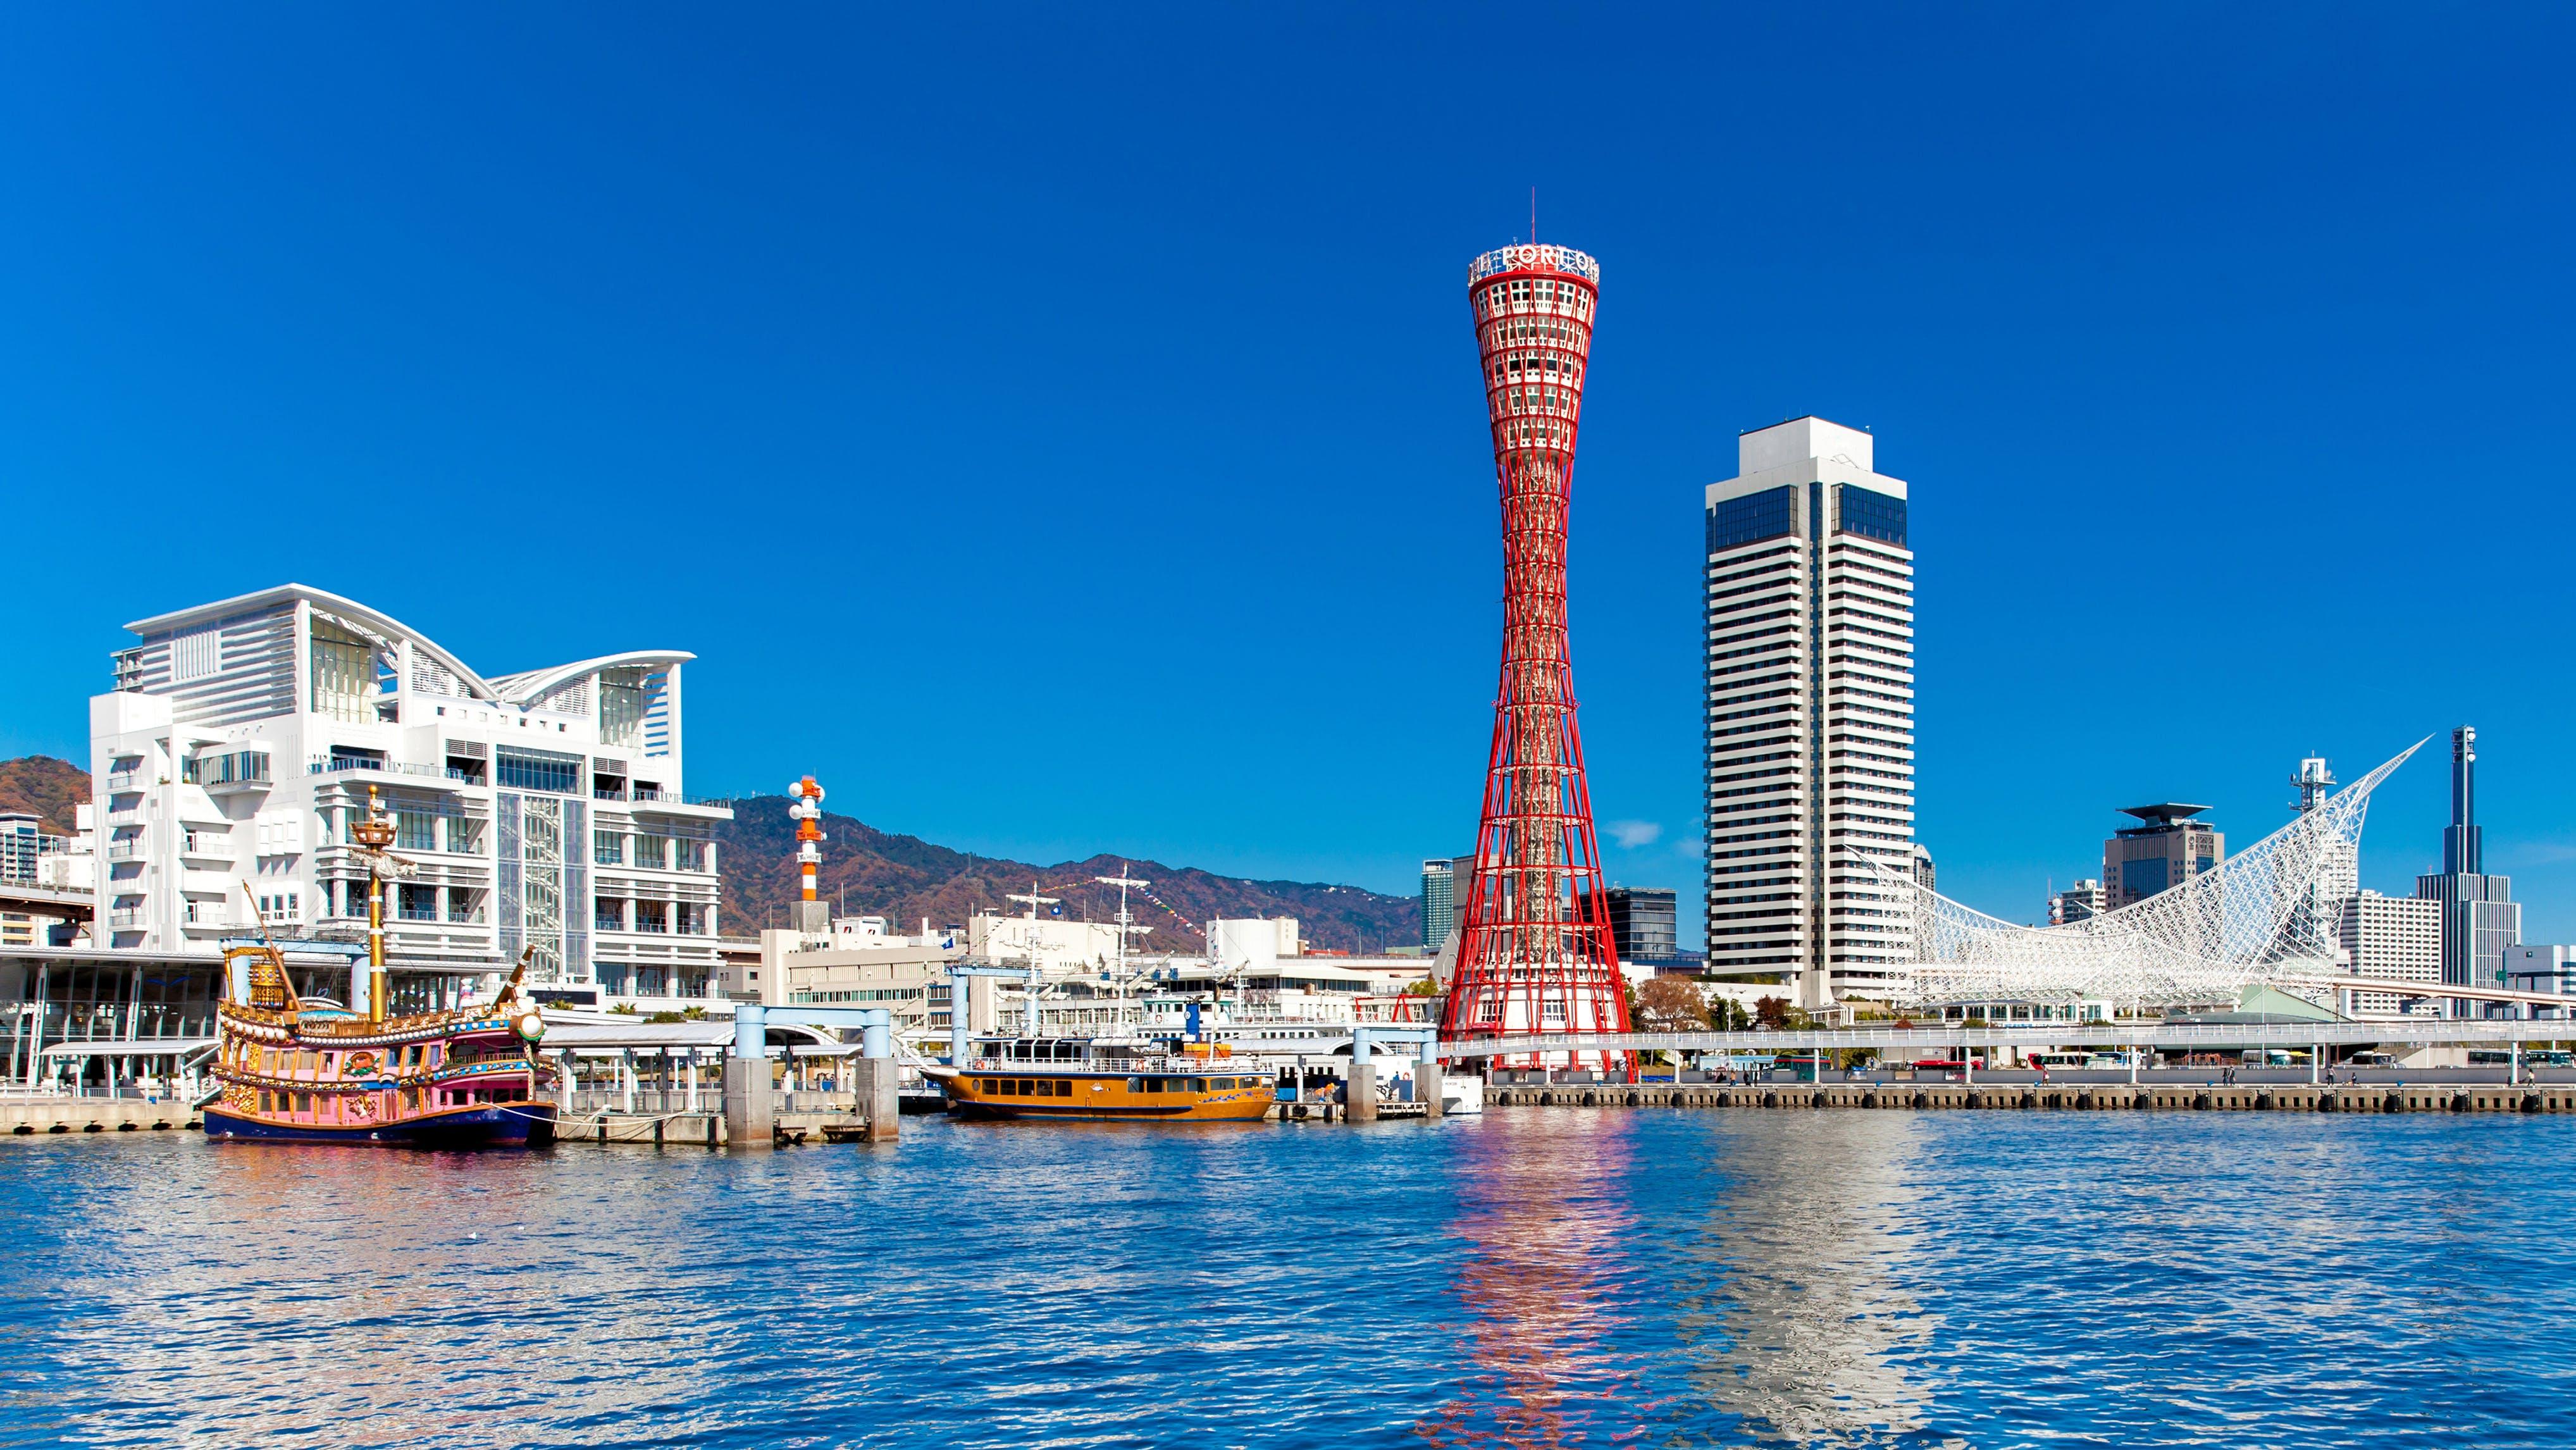 【神戸観光】1泊2日で人気スポットを巡るモデルコース&おすすめホテル8選